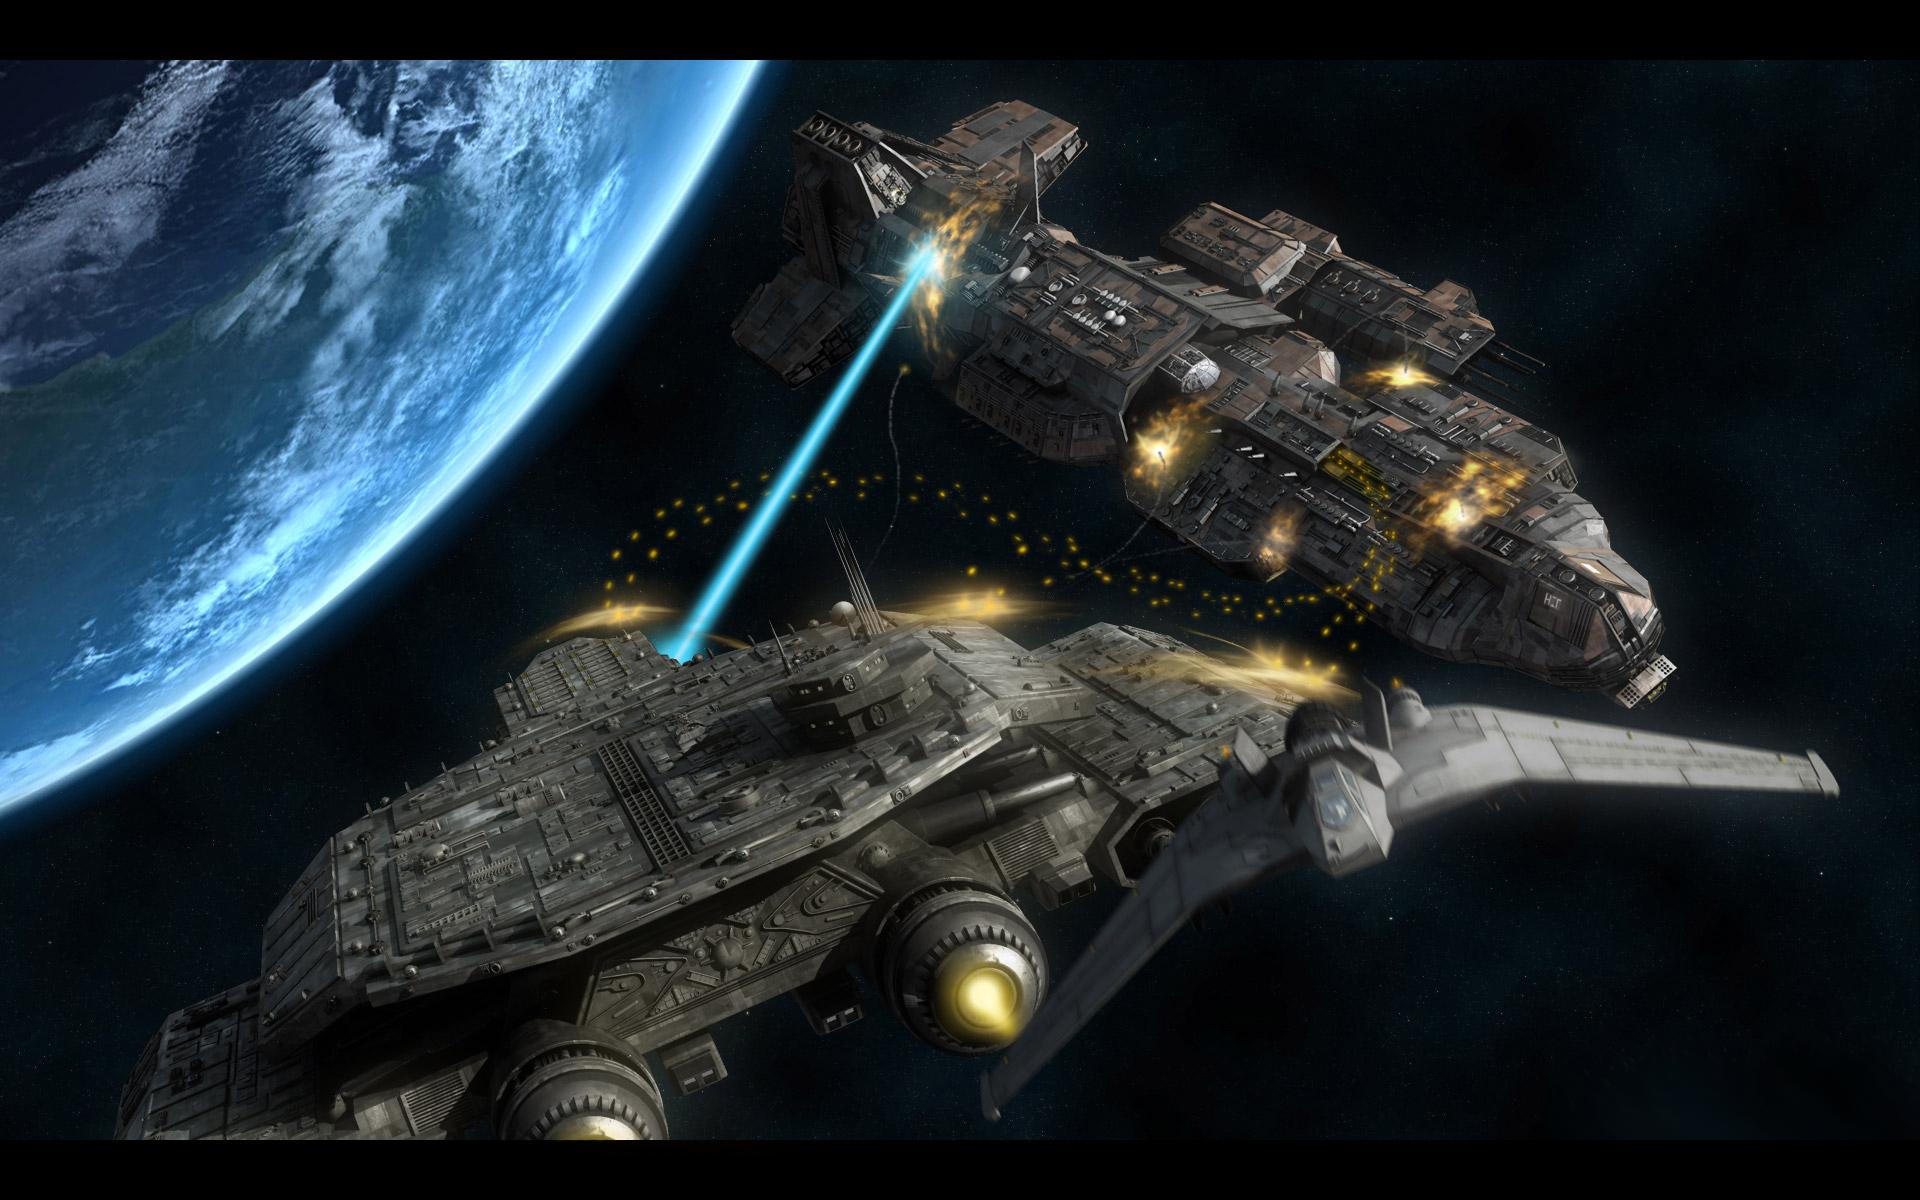 Zvezdnye Vrata Dedal Kosmicheskie Korabli Transportnye Sredstva